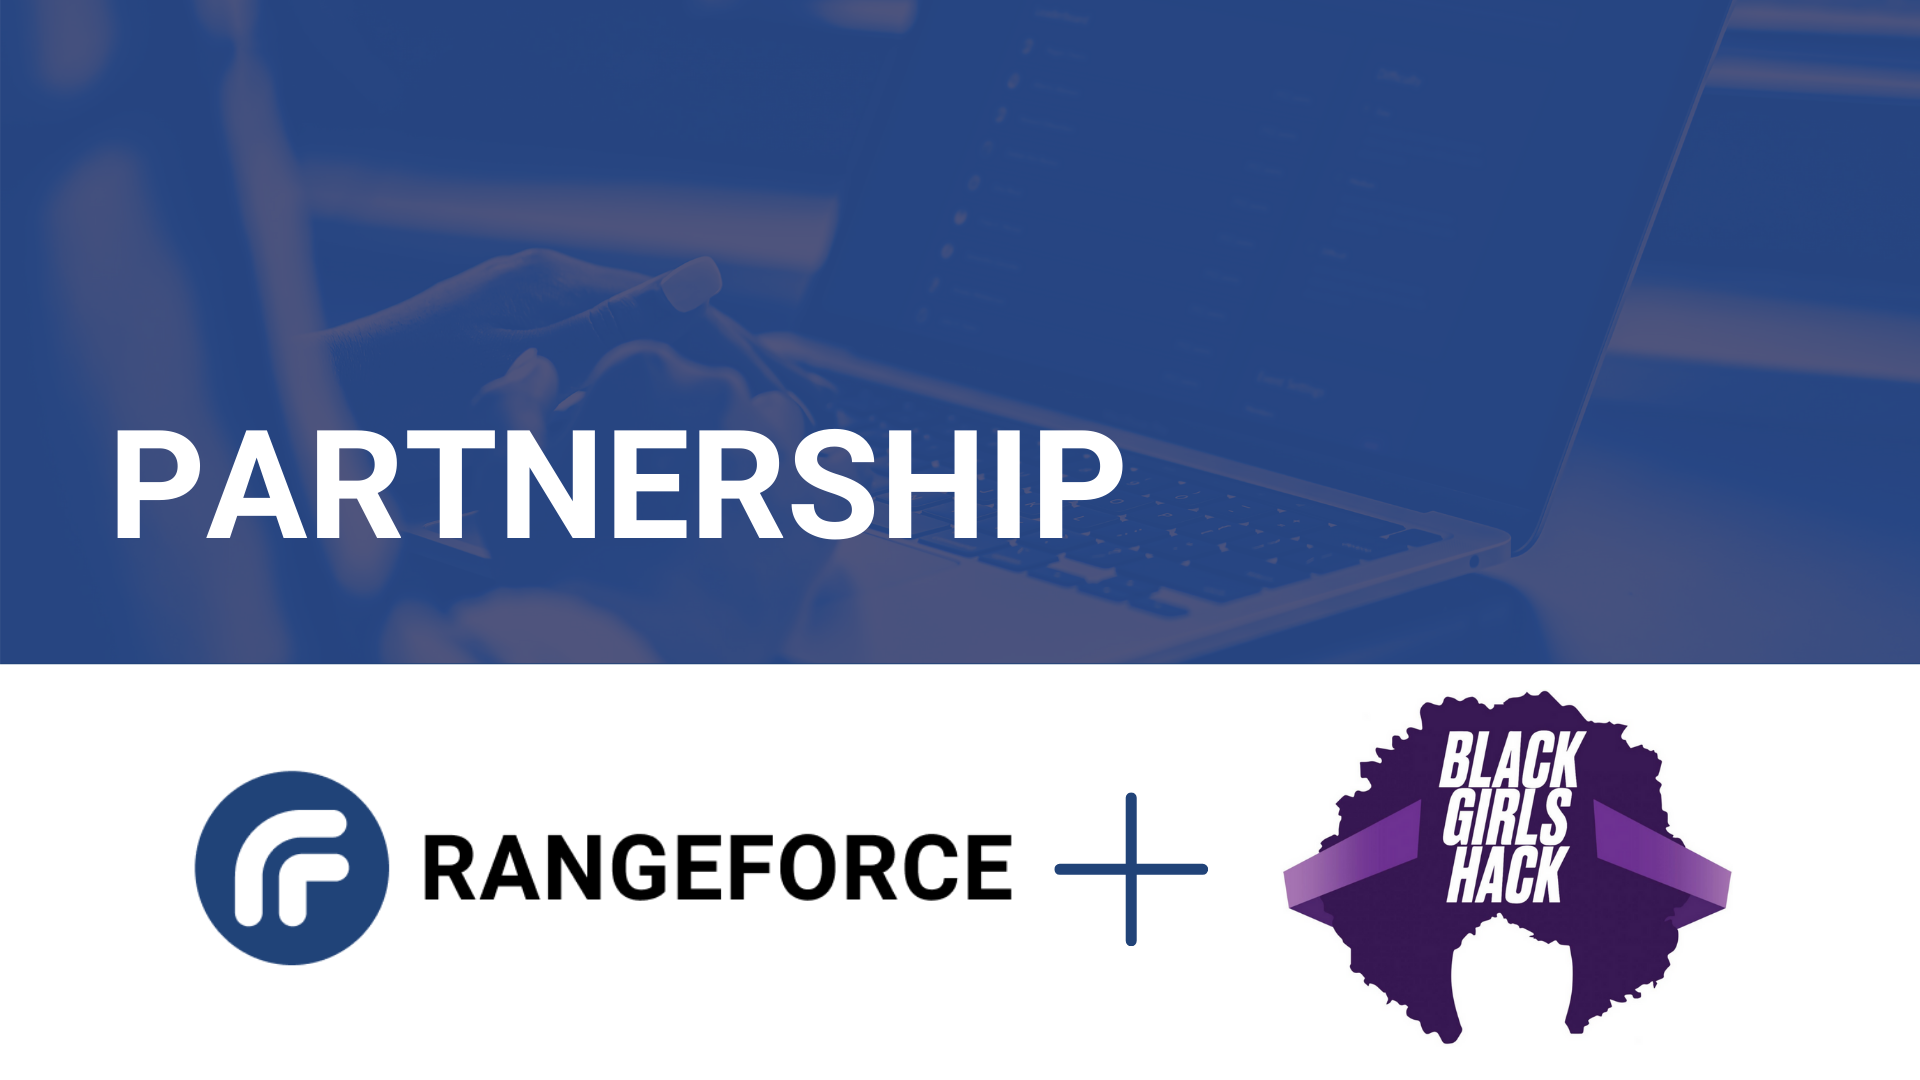 RangeForce Partners With BlackGirlsHack